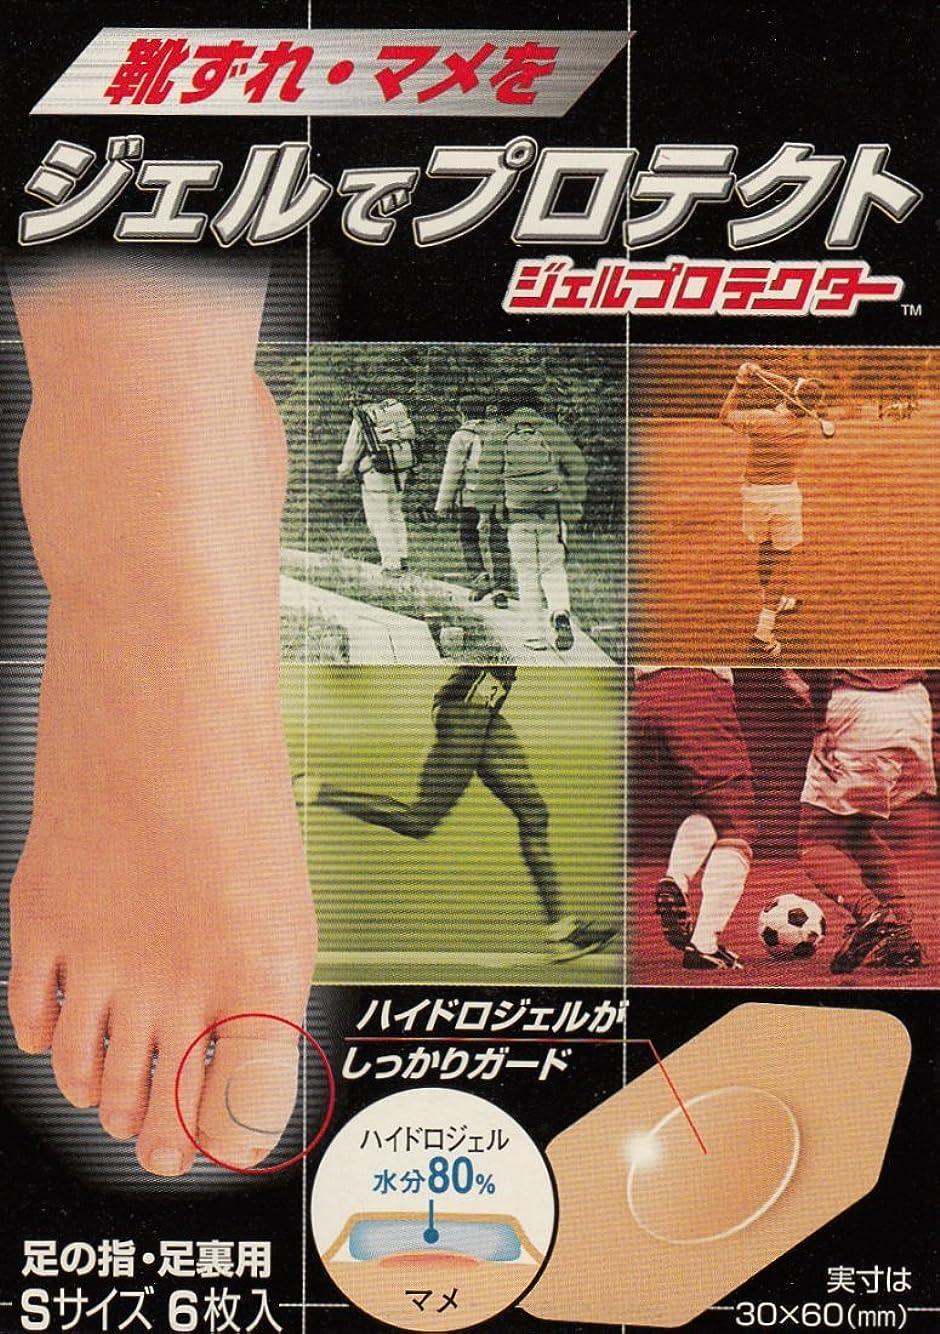 砦定規牛肉【ニチバン】バトルウィン ジェルプロテクター 足の指?足裏用 Sサイズ6枚 ×3個セット